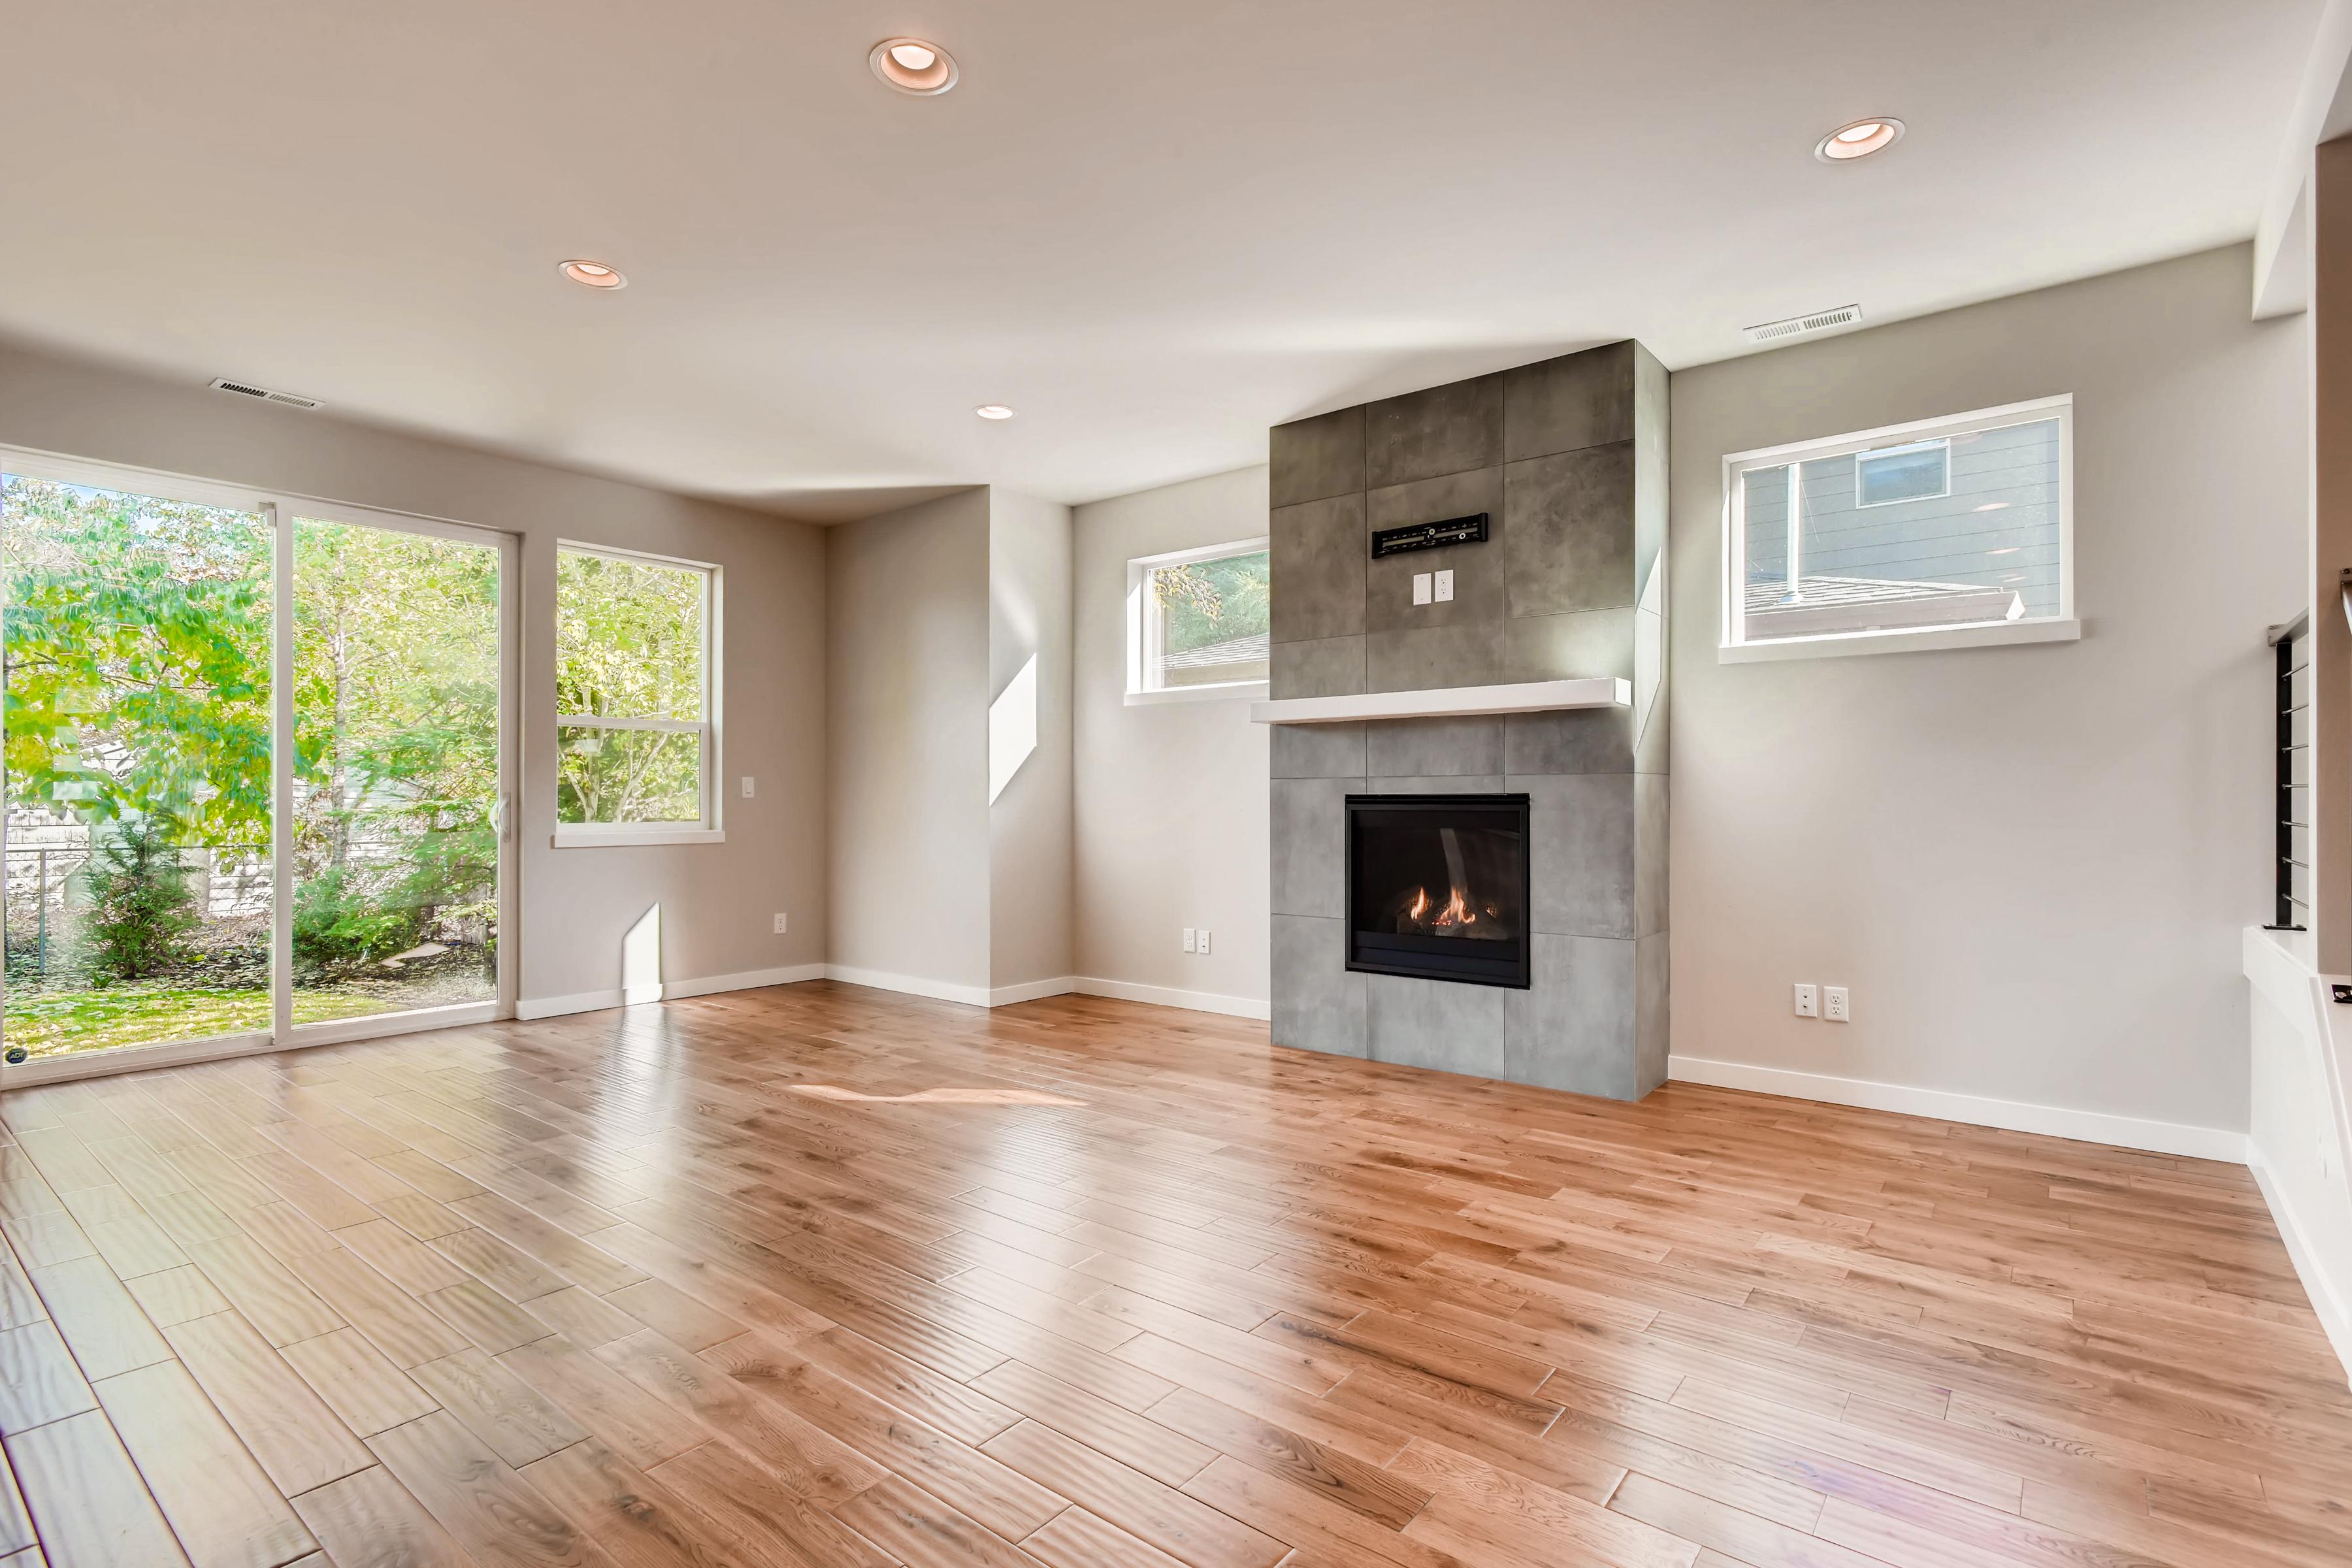 living_room_real_estate_image__virtuance_01